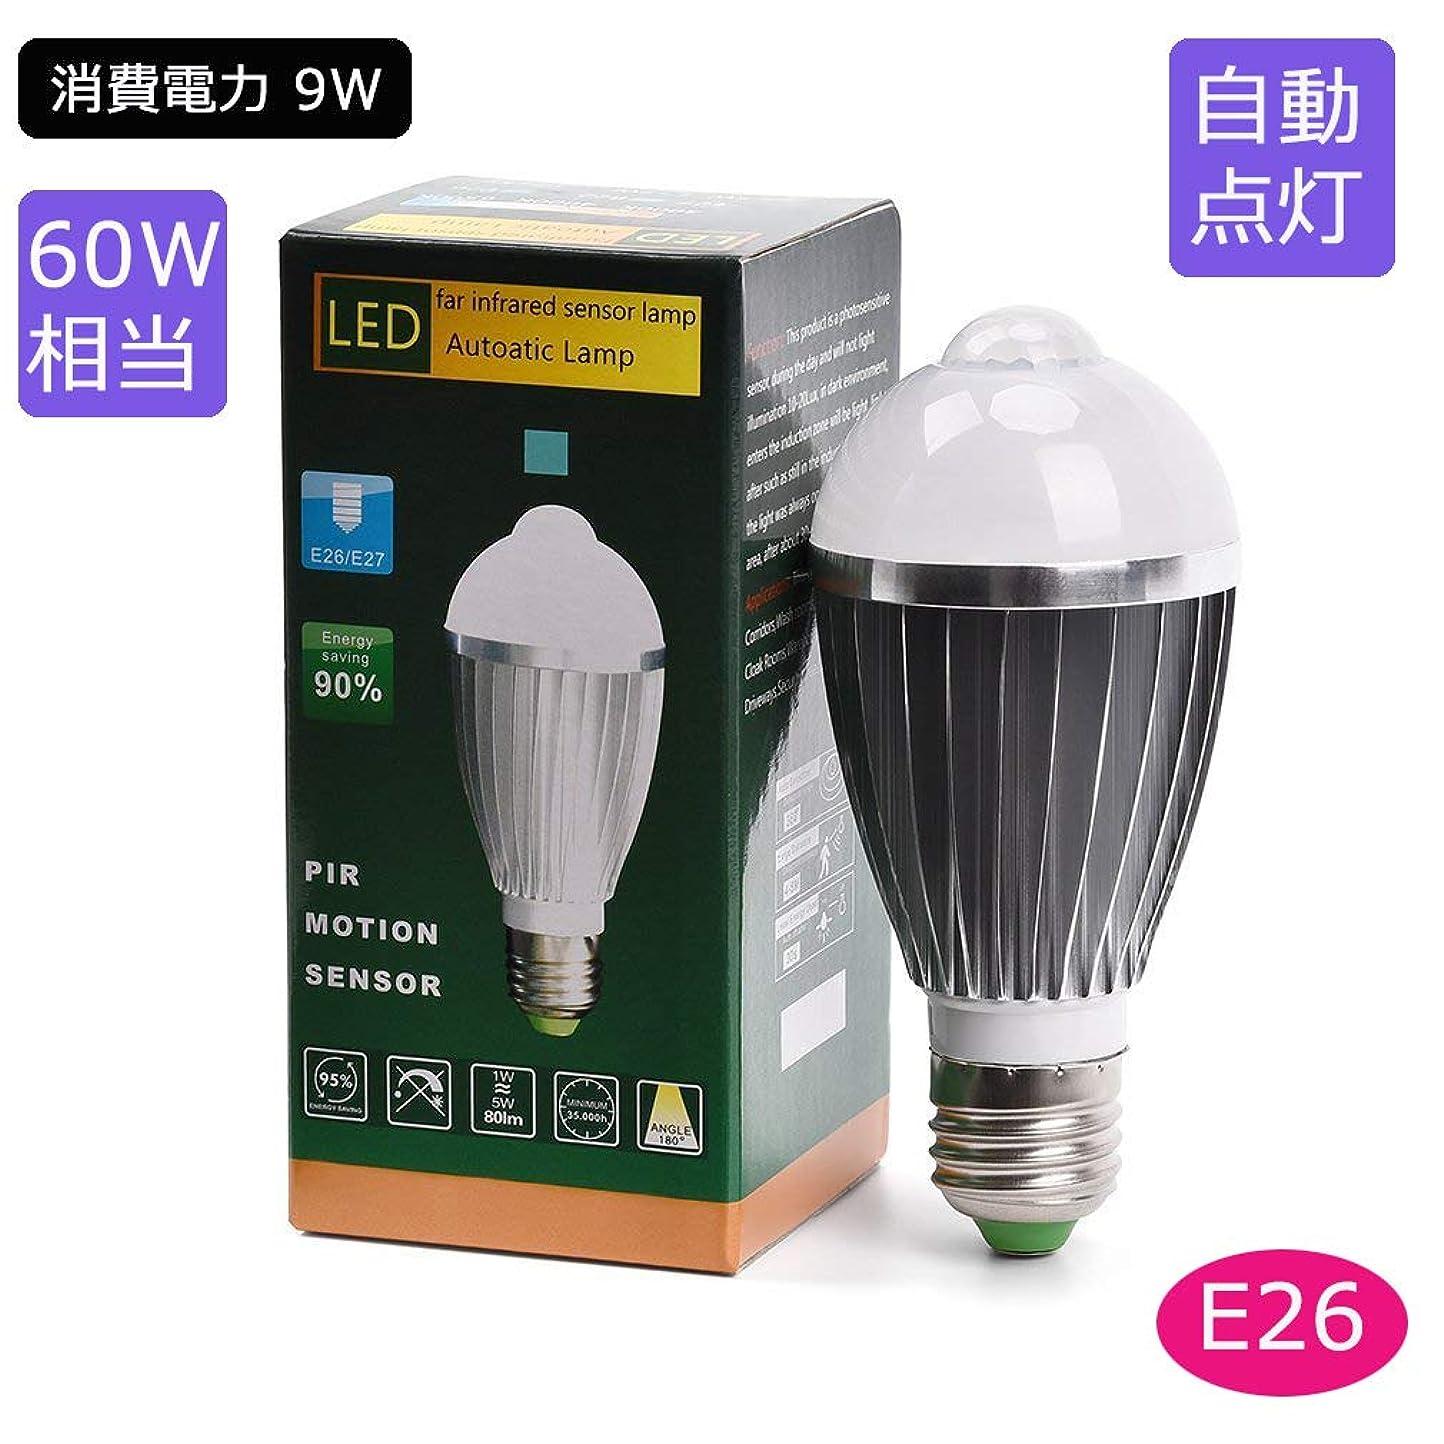 抵抗する系譜非効率的なSunwow LED人感センサー電球 LED電球 E26口金 9W 900LM 60W相当 昼白色 明暗と人感センサー付き ベッドサイドランプ